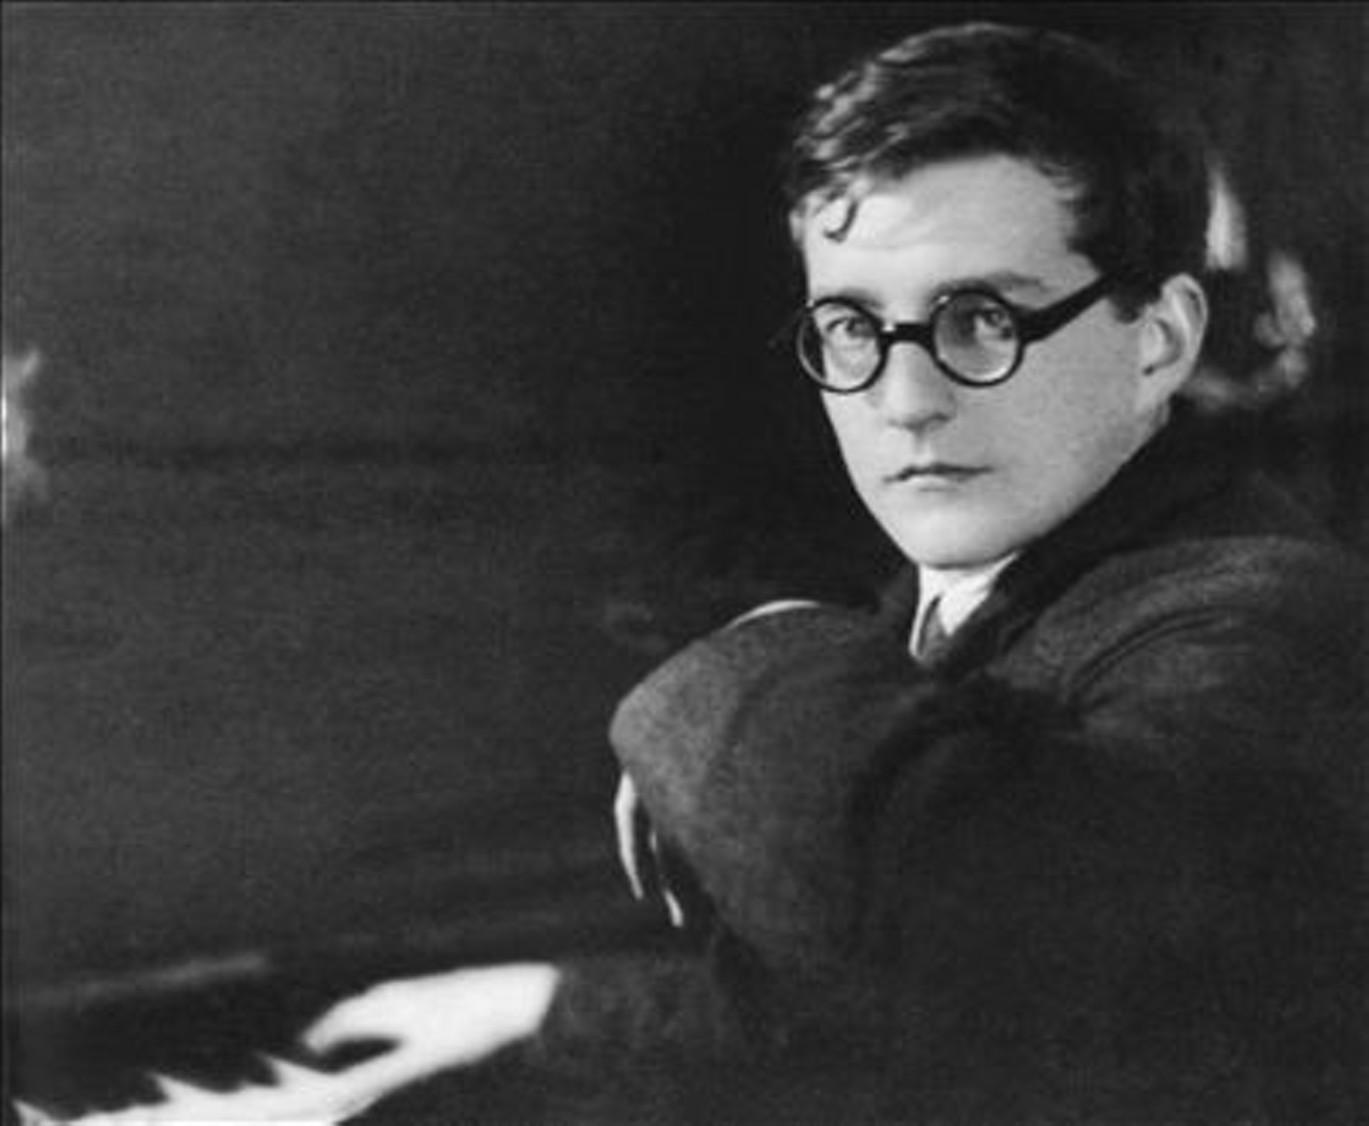 «Смотри навсе решительно сквозь розовые очки...», — музыкальный вундеркинд и обычный городской парень, Митя Шостакович, пишет письмо маме